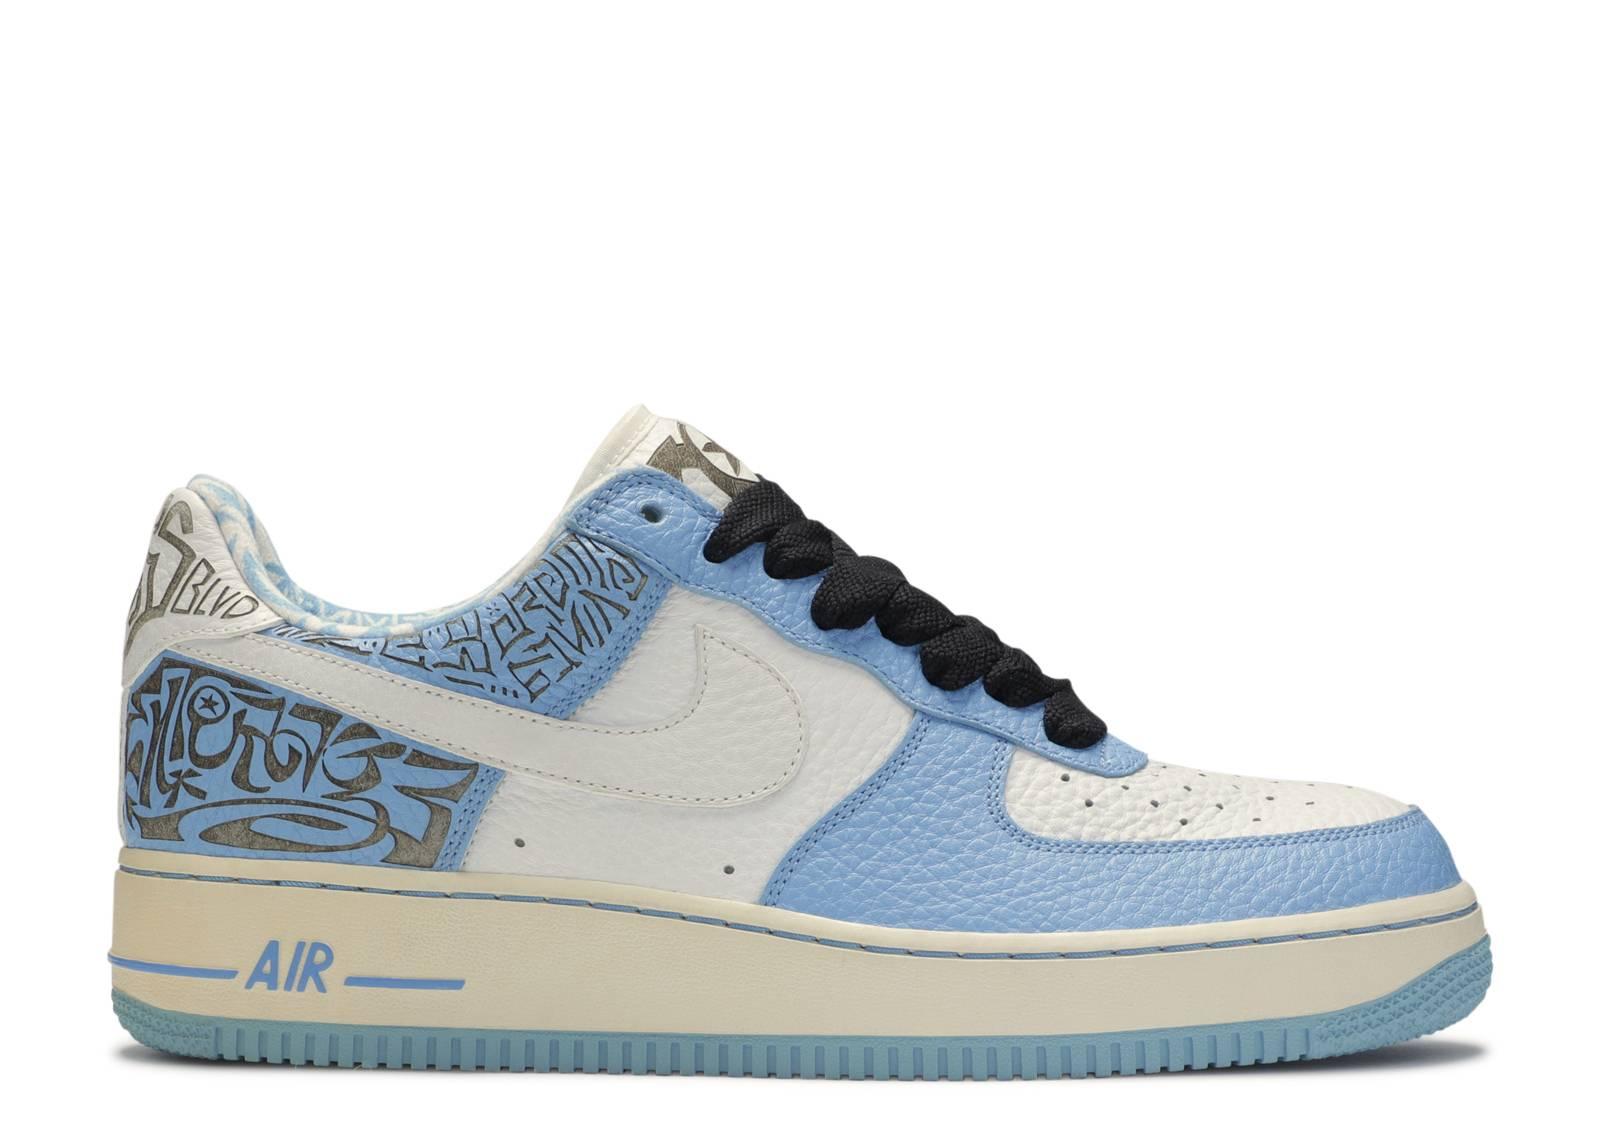 VLONE X Nike Air Force 1 High Black White LONDON 7.5 9.5 11 13 US 8.5 10.5 12 14 | eBay